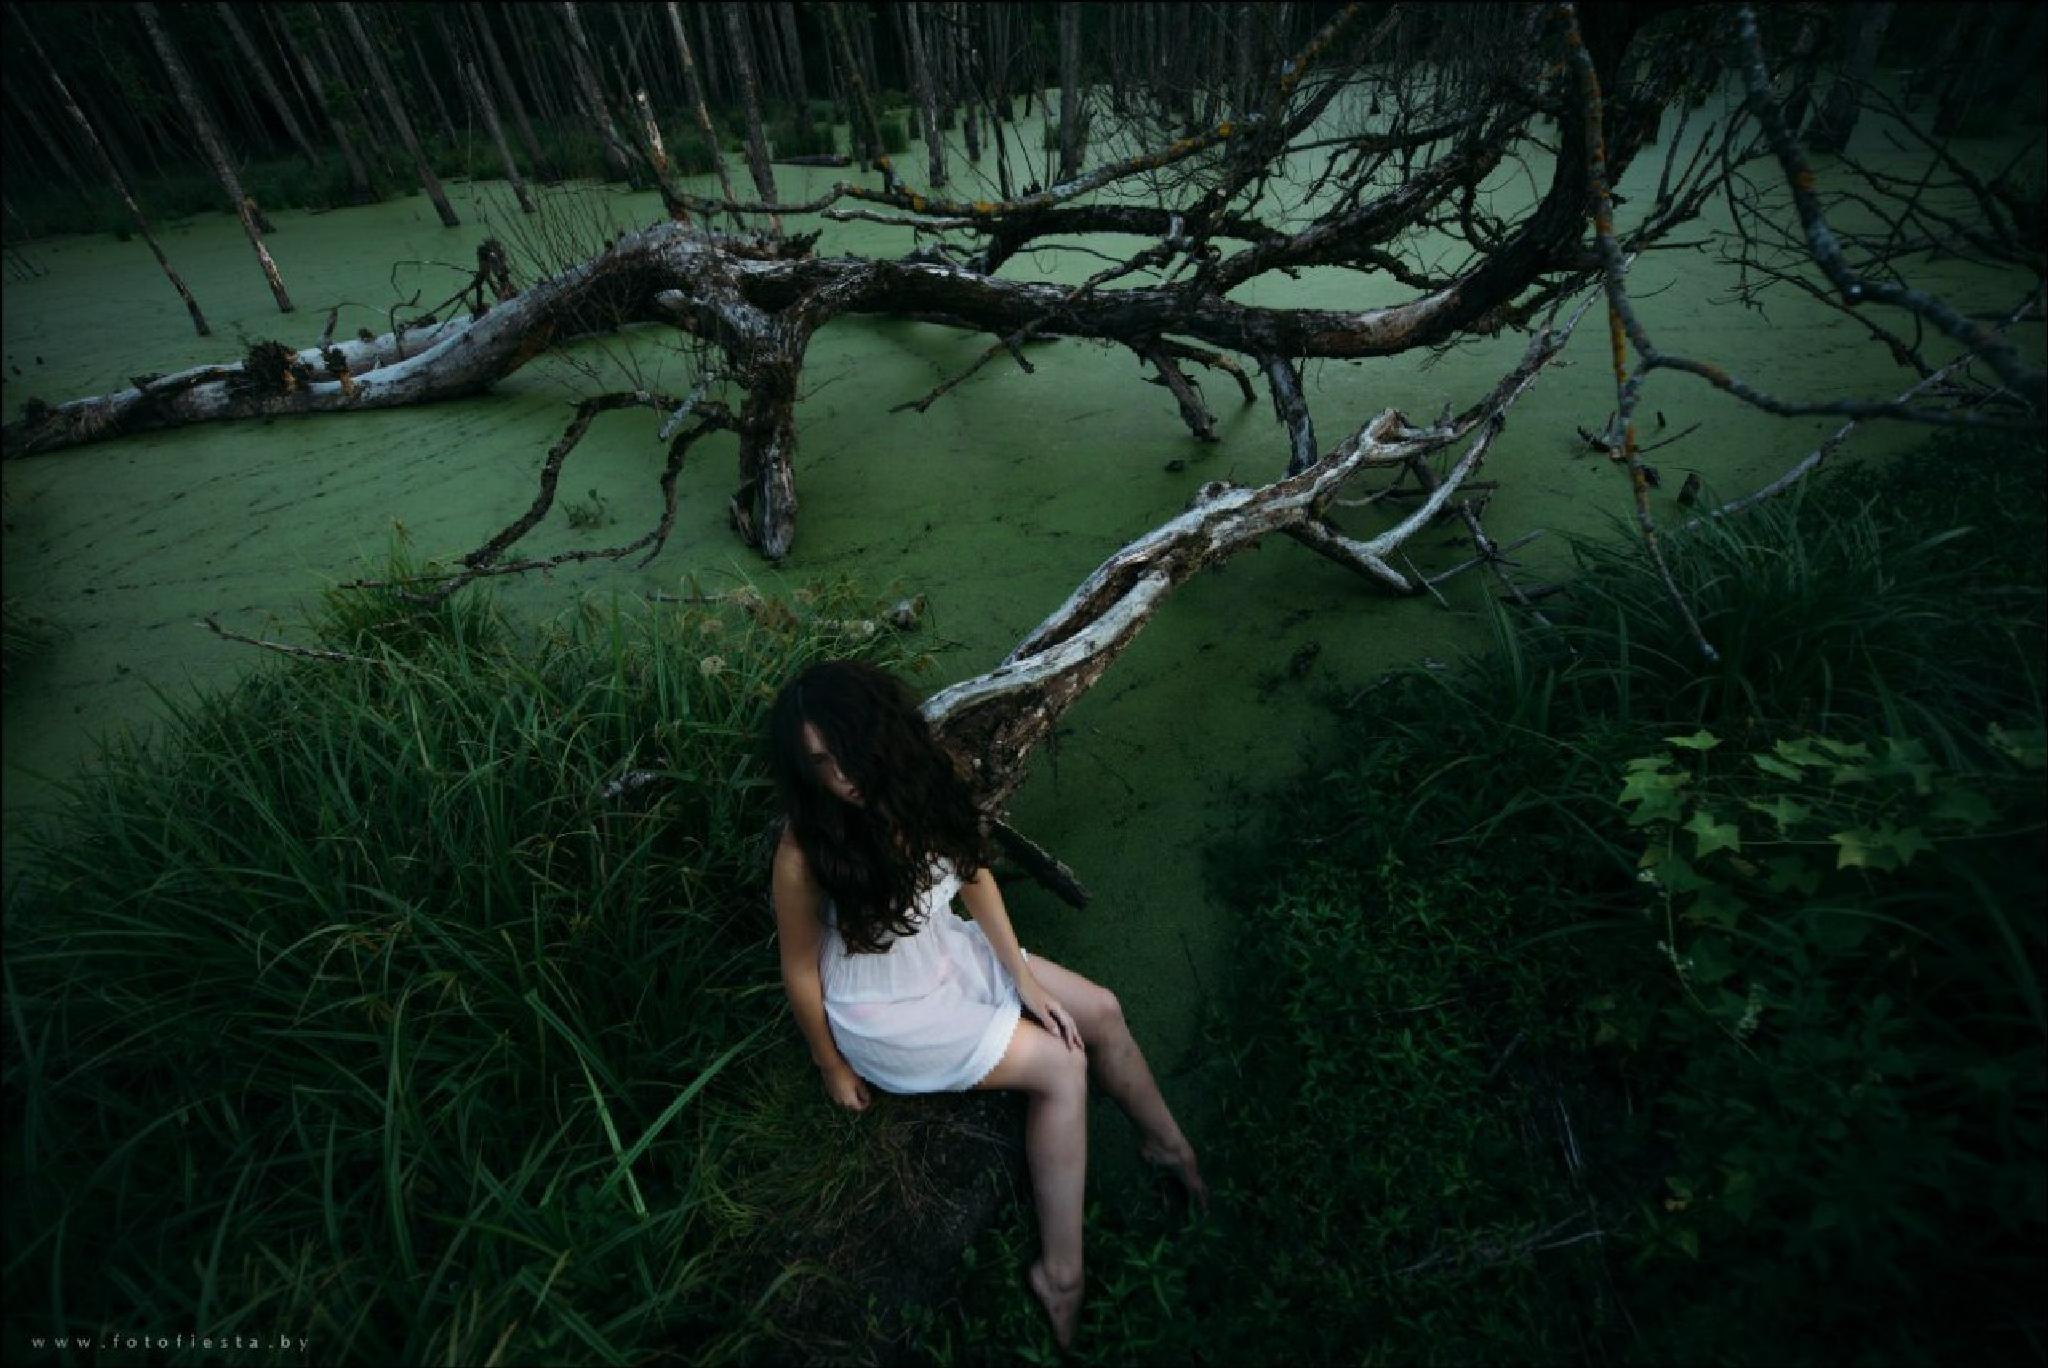 mystical swamp by Fotofiestastudio